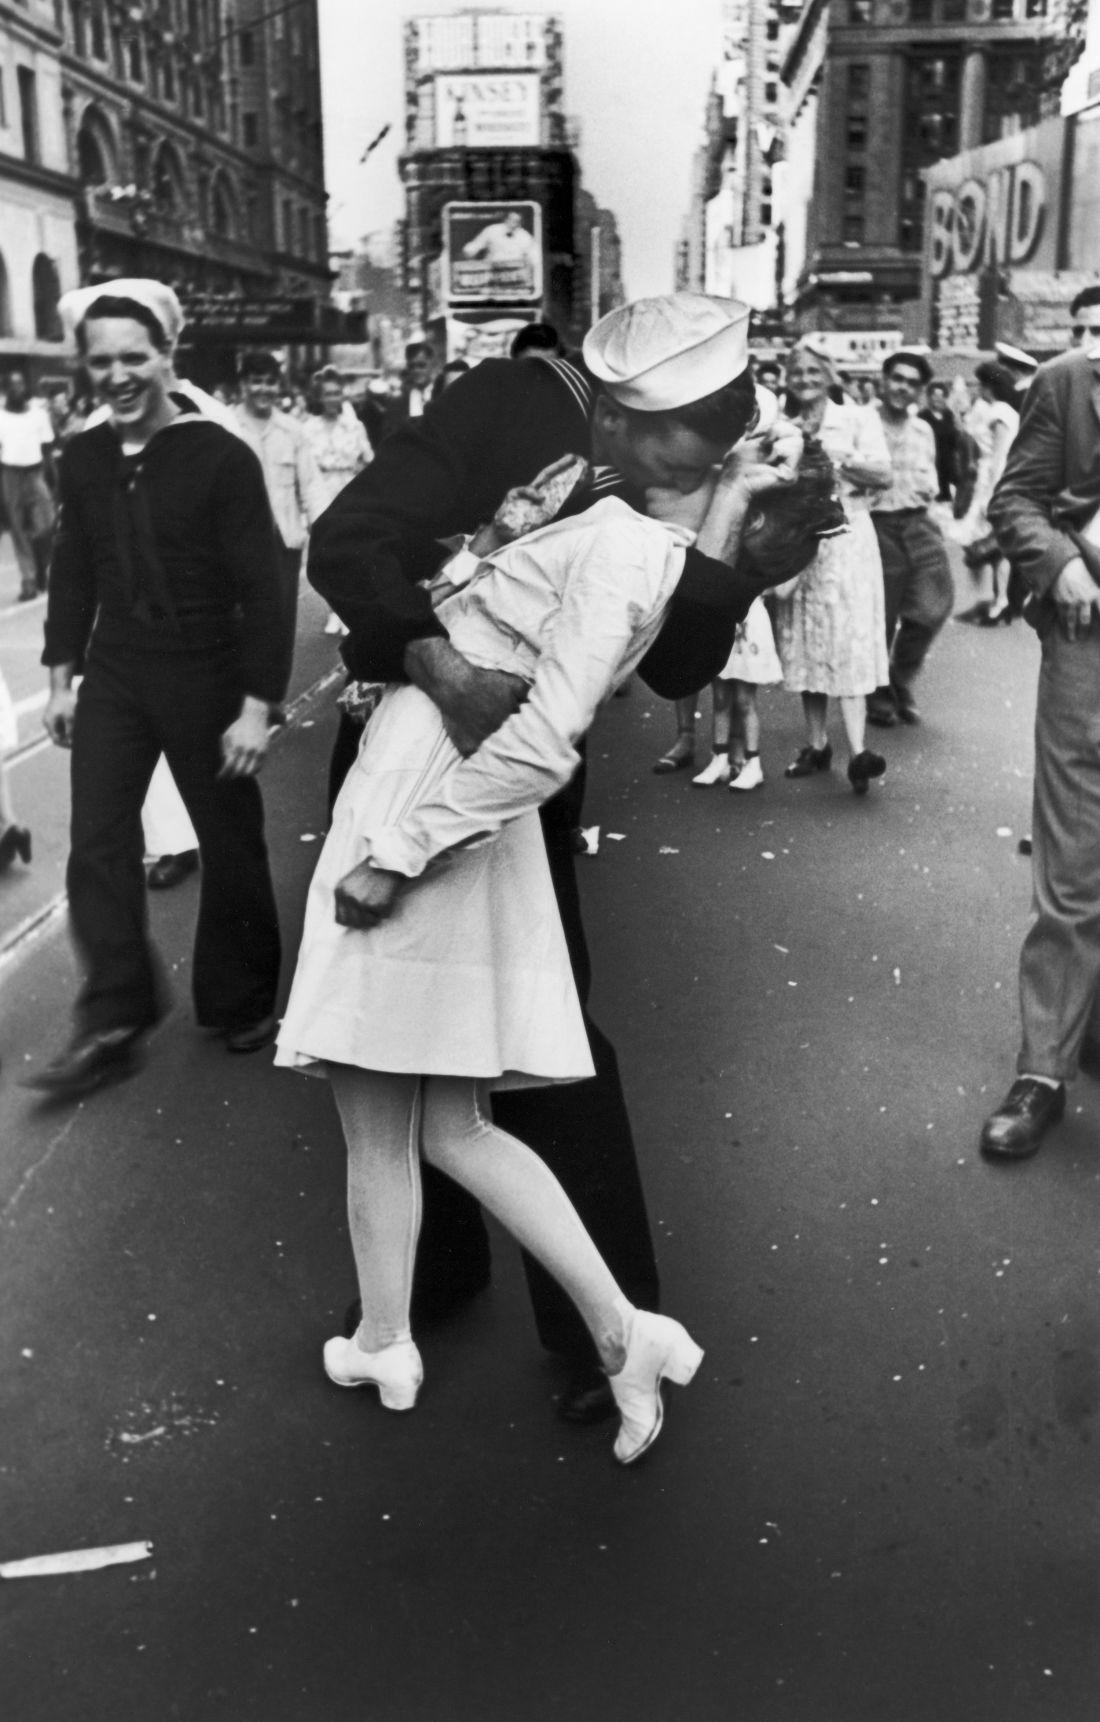 Американский моряк целует медсестру на площади Таймс-сквер в Нью-Йорке в день объявления капитуляции Японии.